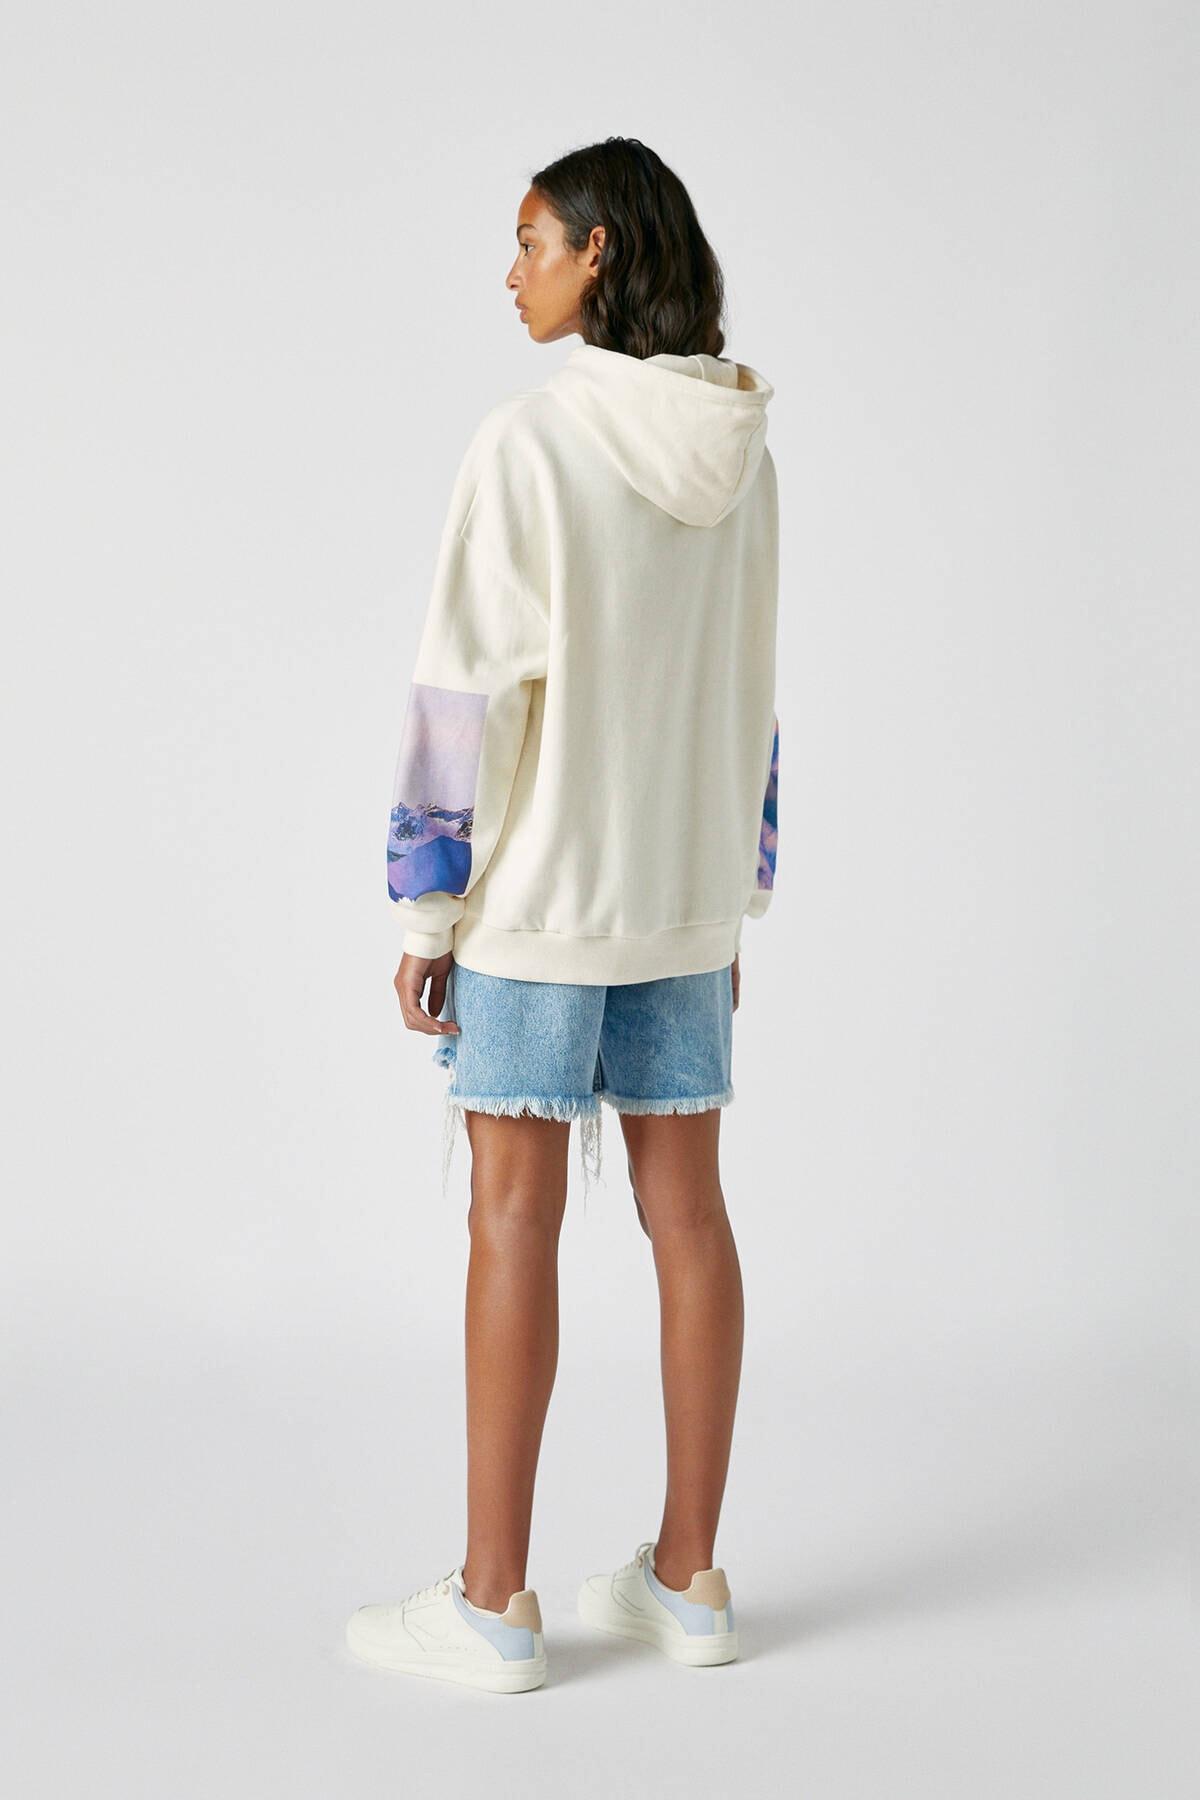 Pull & Bear Kadın Buz Rengi Kolu Fotoğraf Görselli Beyaz Sweatshirt 09594325 2